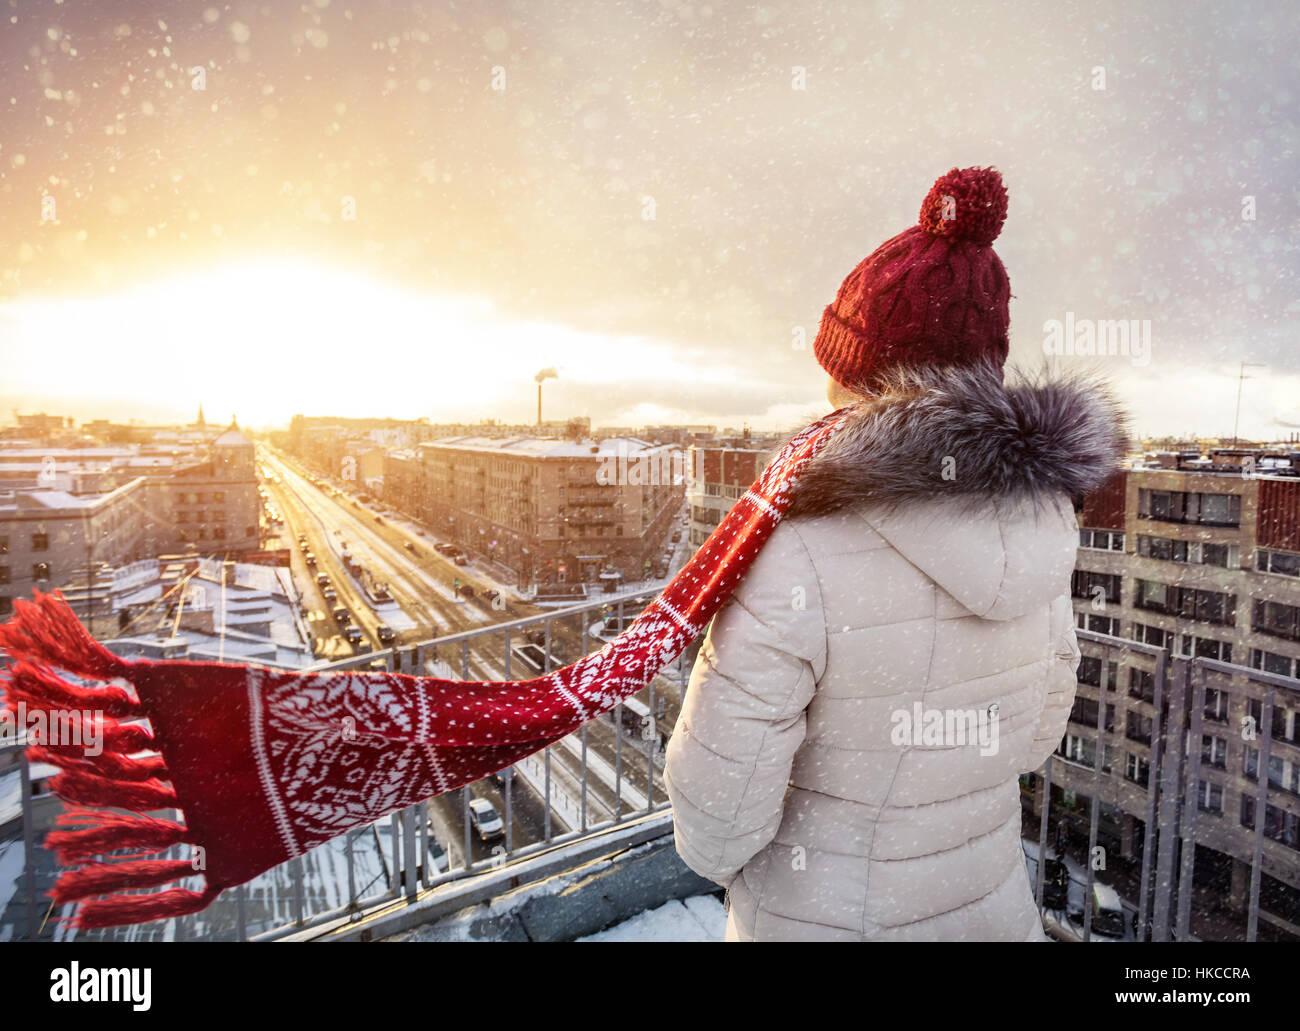 Frau in Weihnachtshut und Roter Schal auf dem Dach bei Schnee fallen in Sankt Petersburg, Russland Stockbild